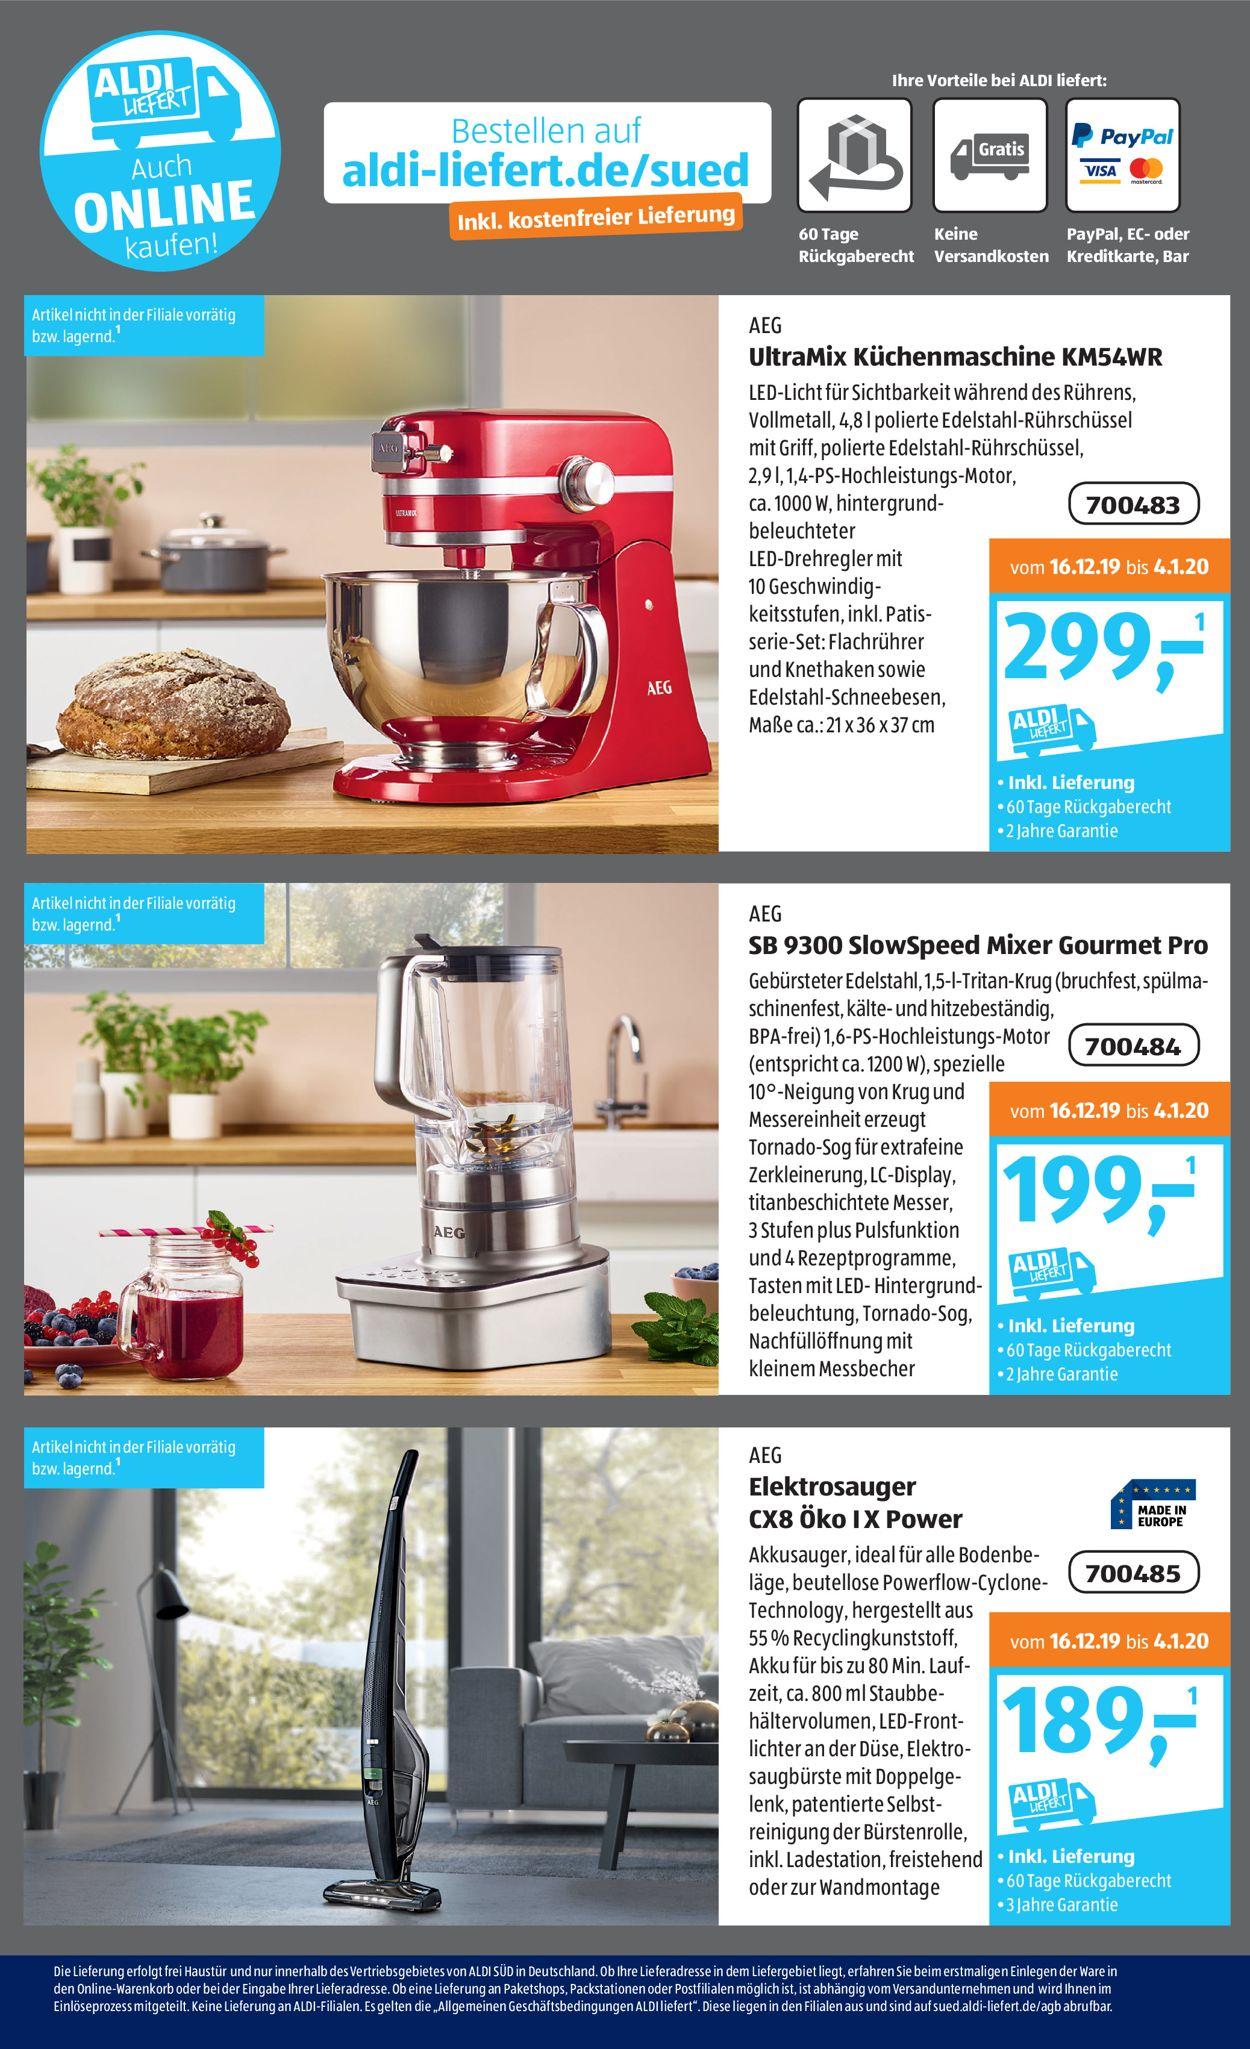 Aldi Online Küchenmaschine 2021